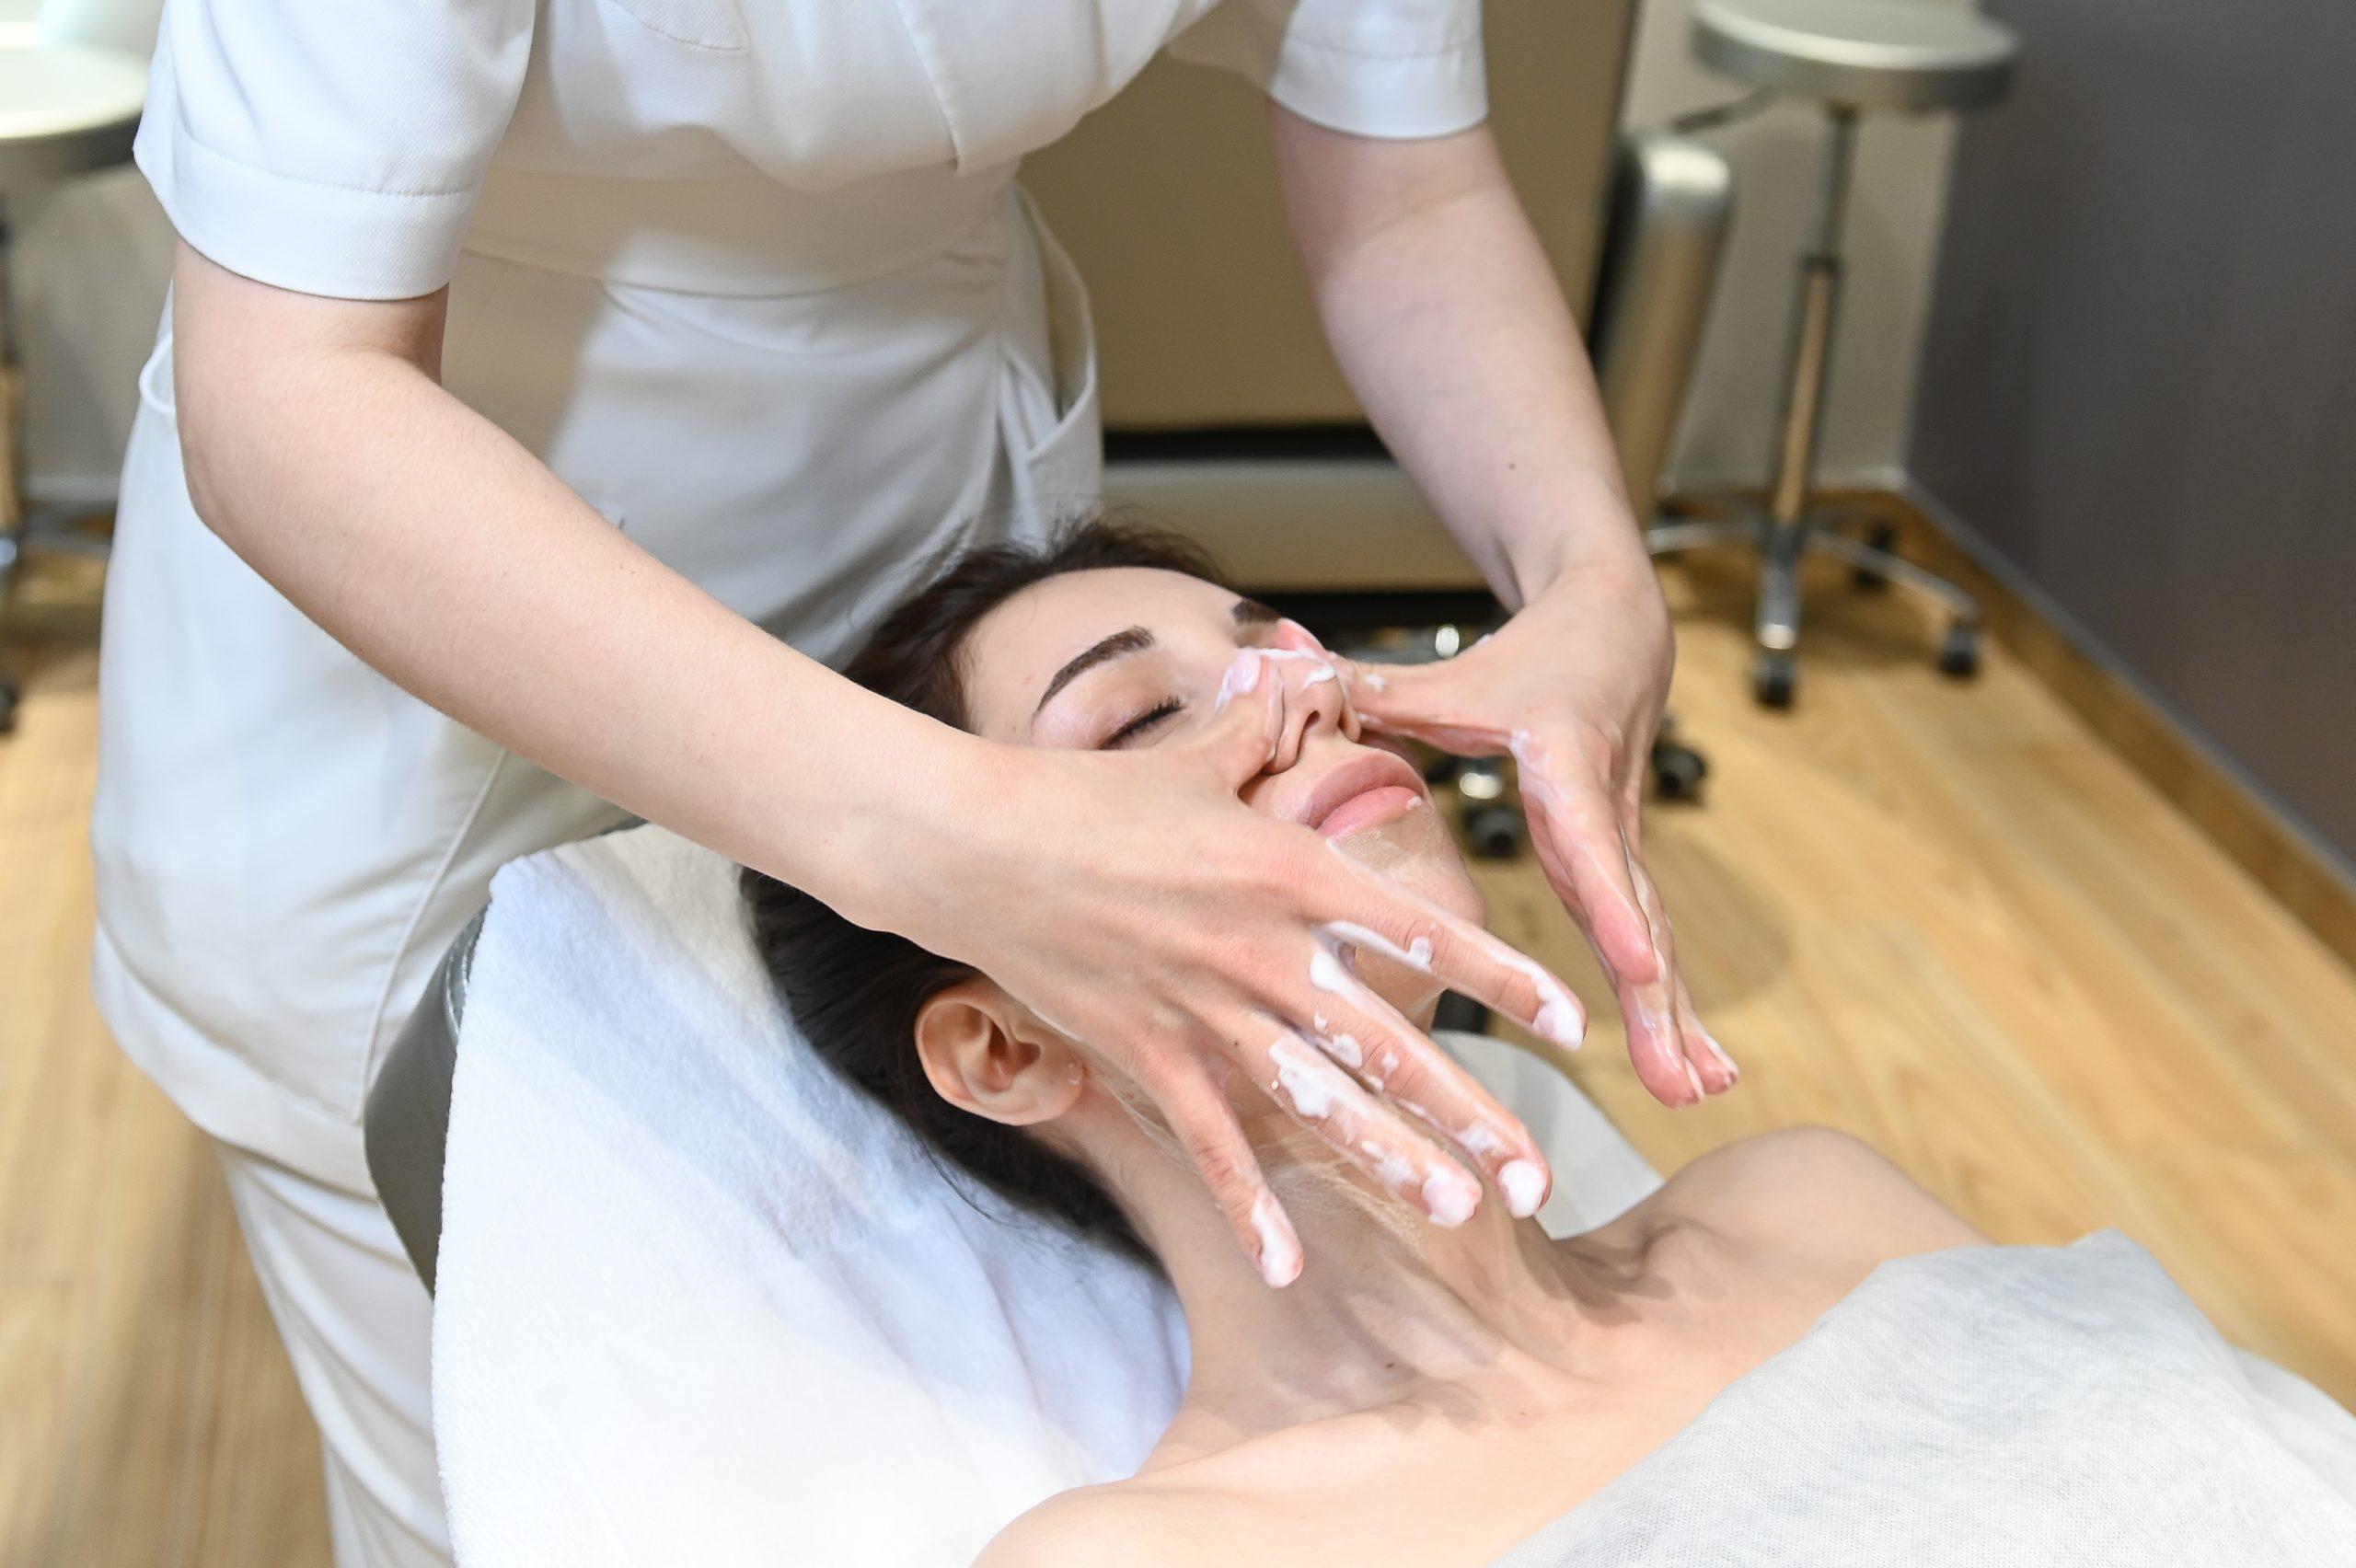 Лед и пламя: что такое массаж криостиками и как он улучшает кожу